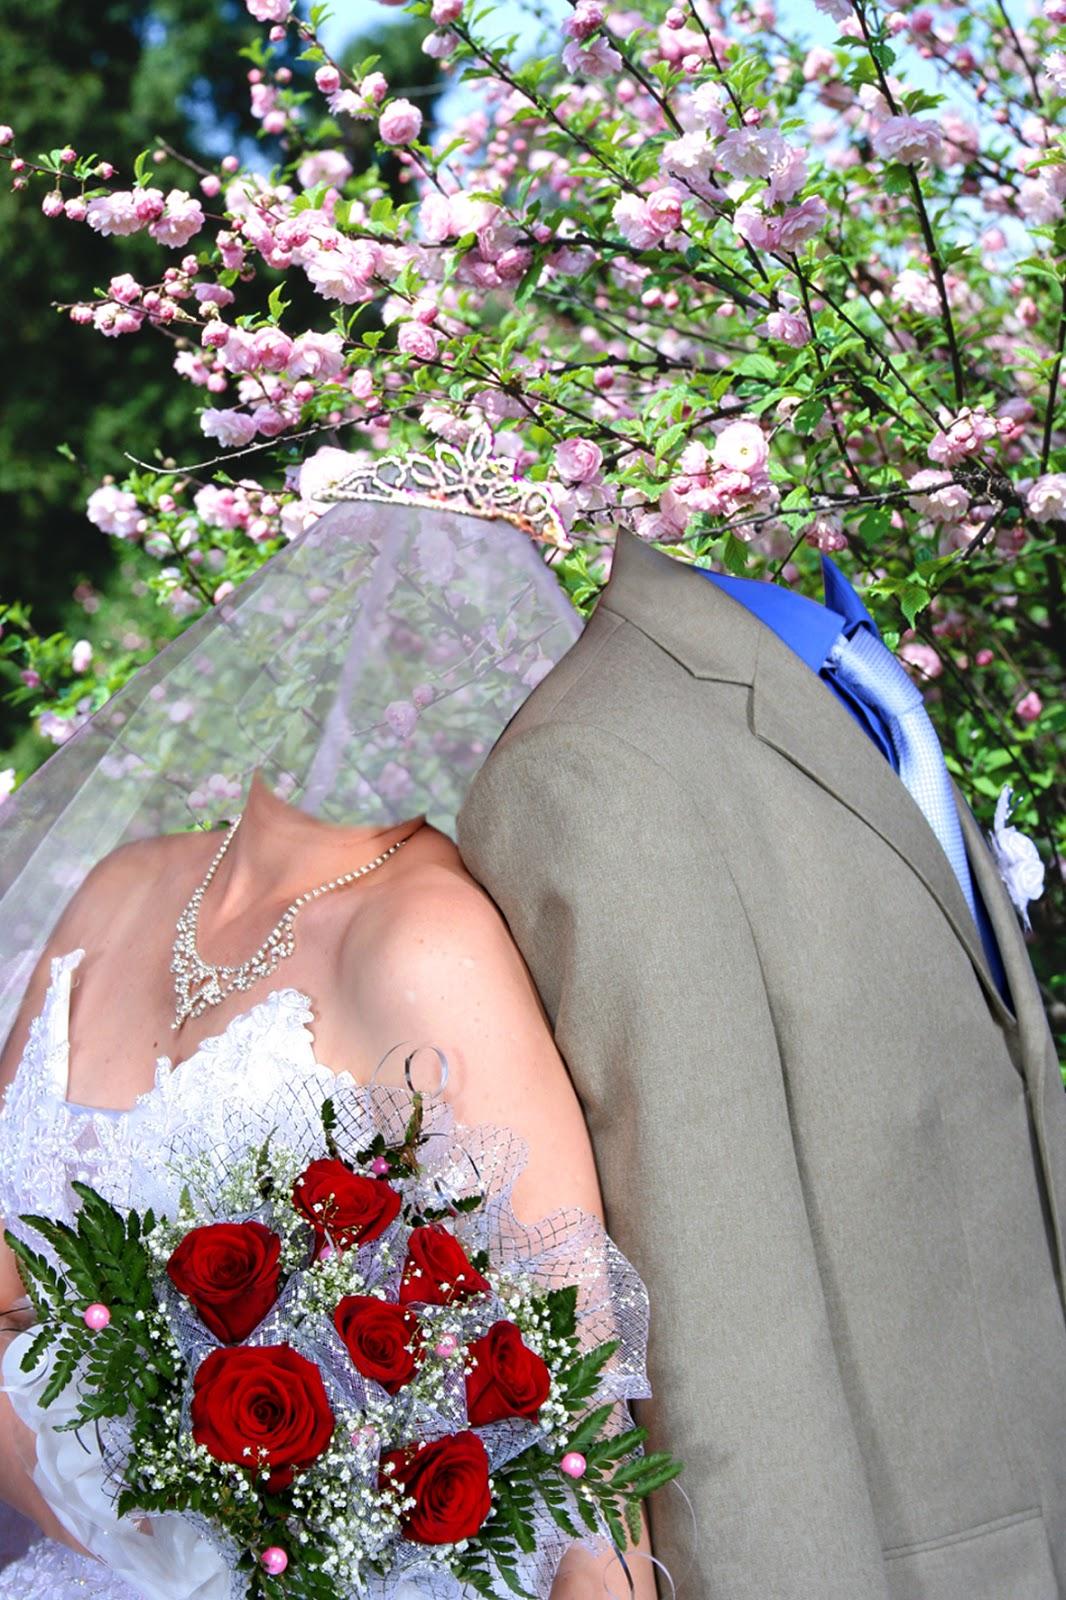 Вставить свое фото в картинку свадебную онлайн, стишки короткие картинками